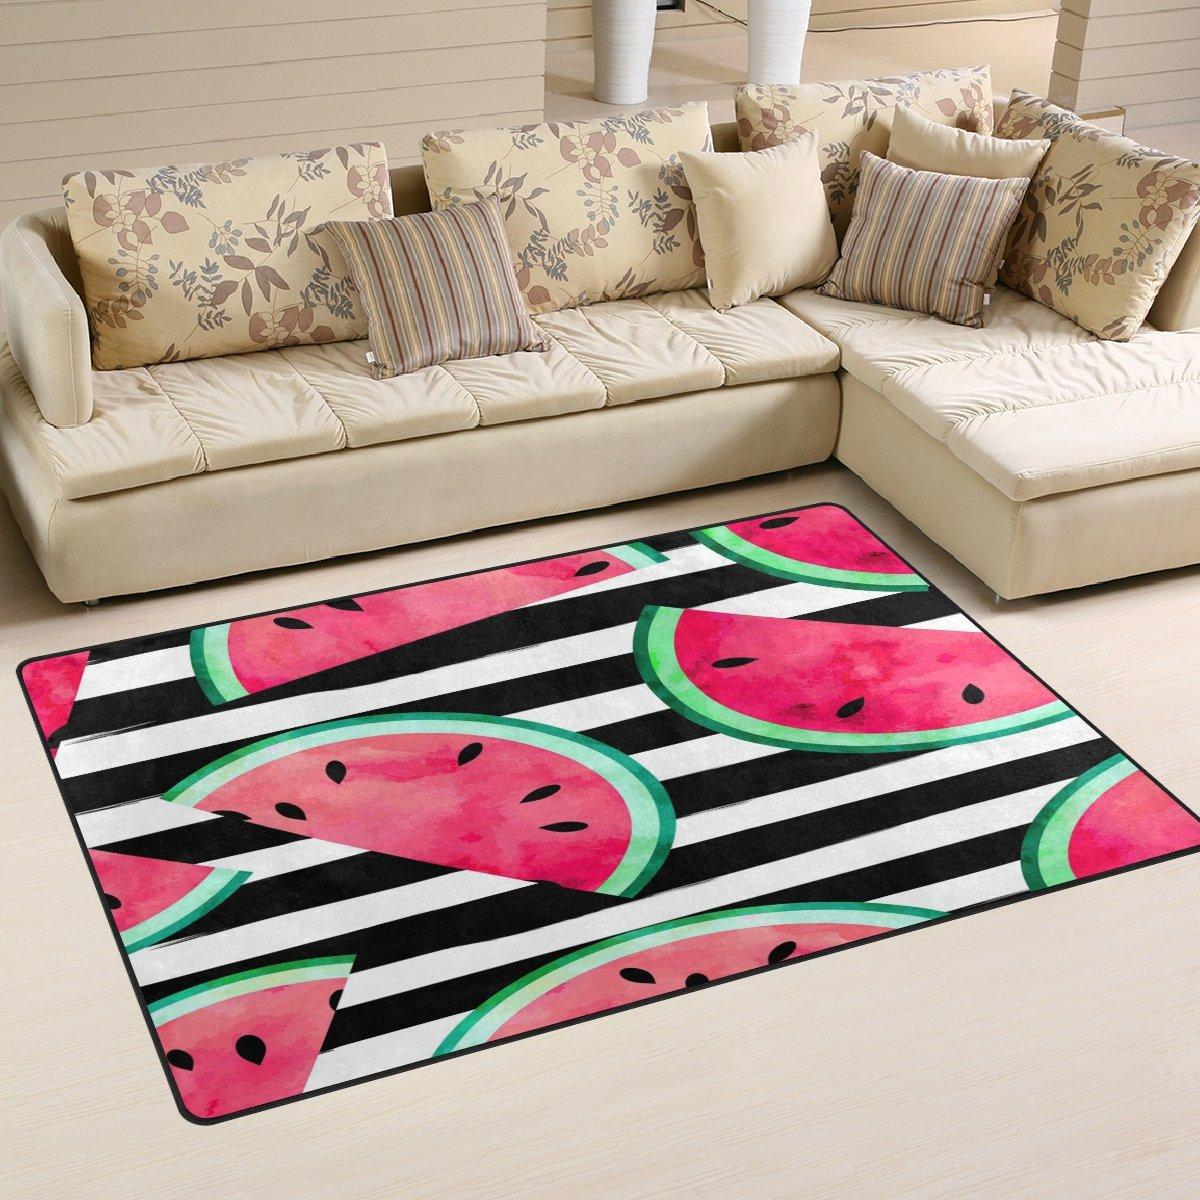 WOZO Fruity Watercolor Watermelon Stripe Area Rug Rugs Non-Slip Floor Mat Doormats Living Room Bedroom 31 x 20 inches